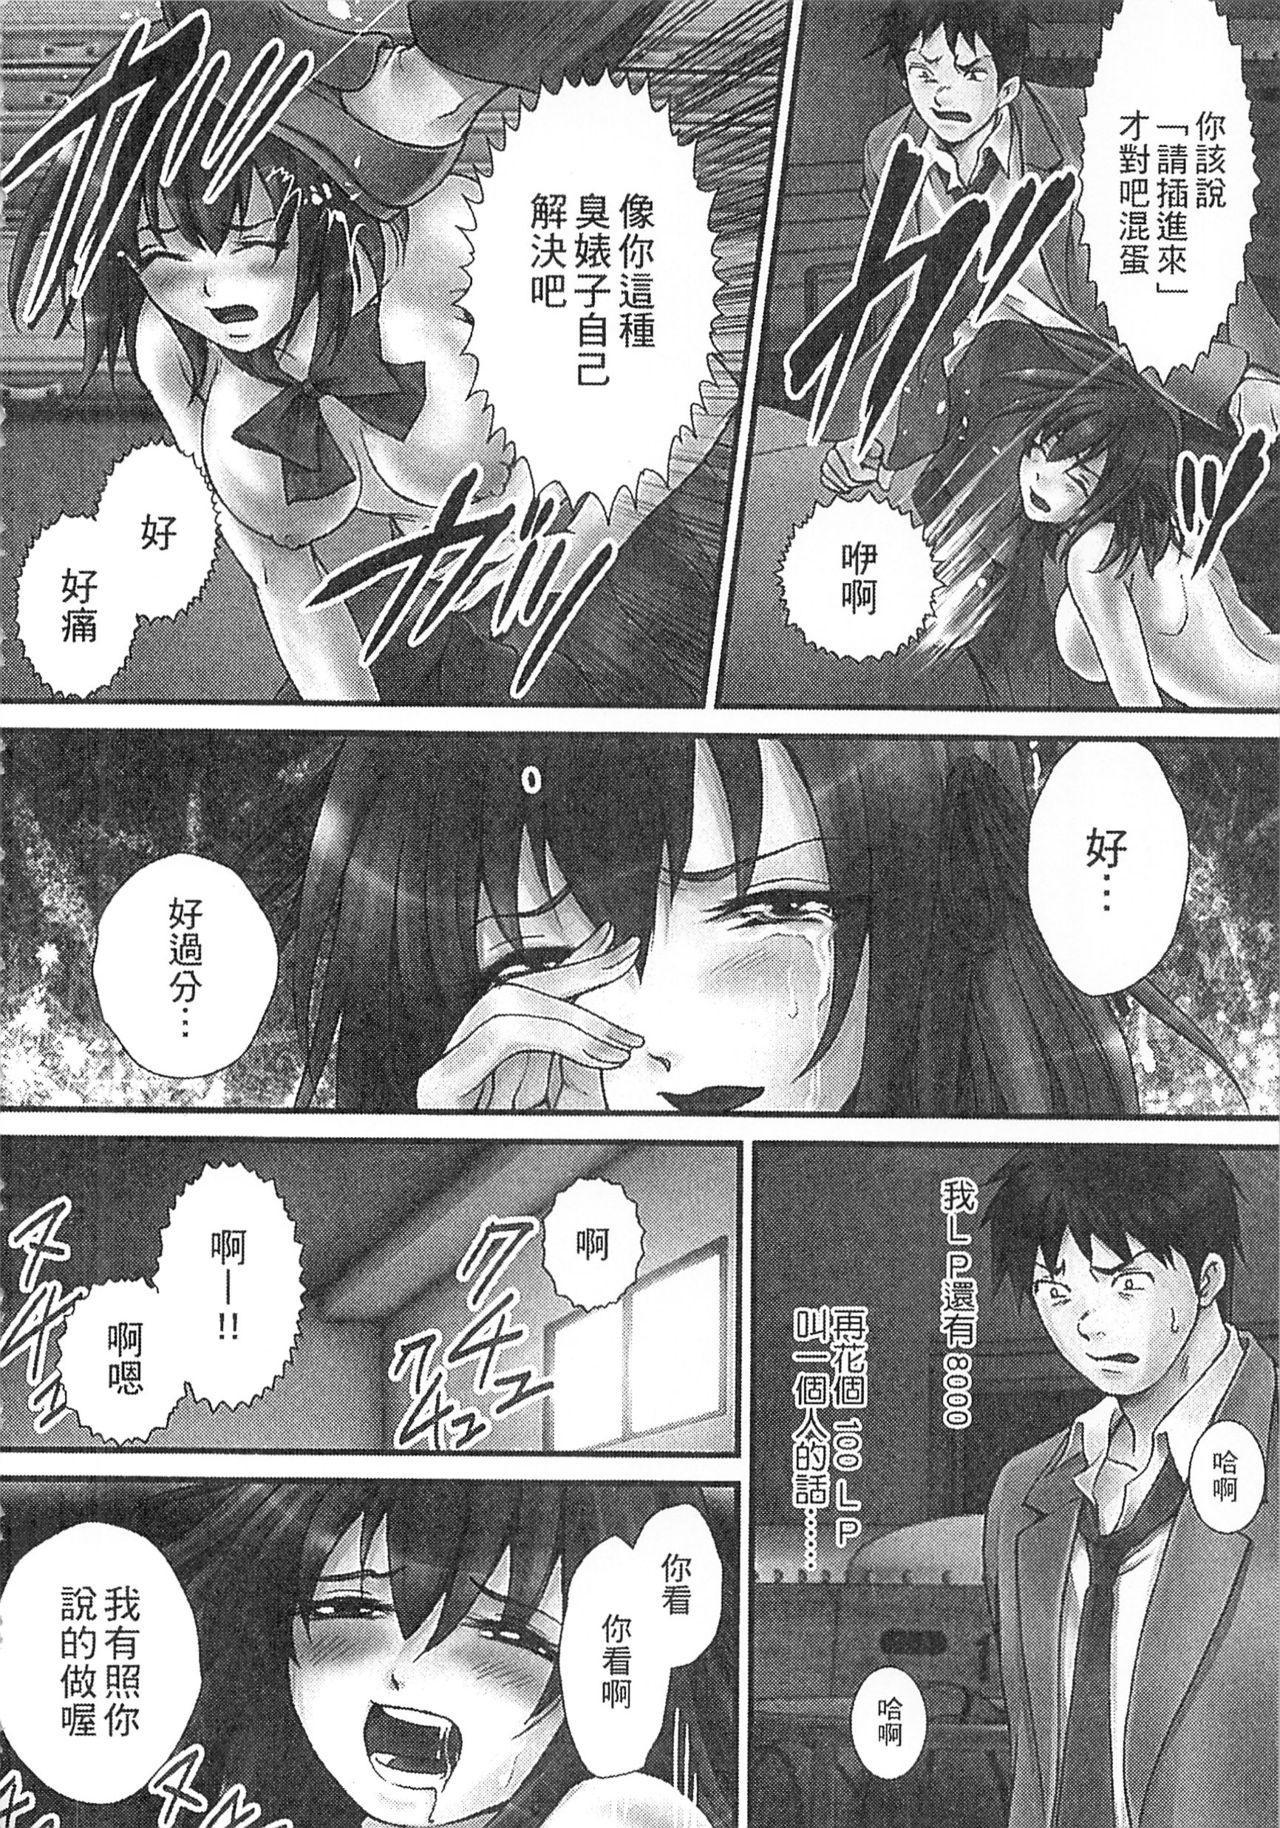 Zetsurin! Kinoko Oyaji 165